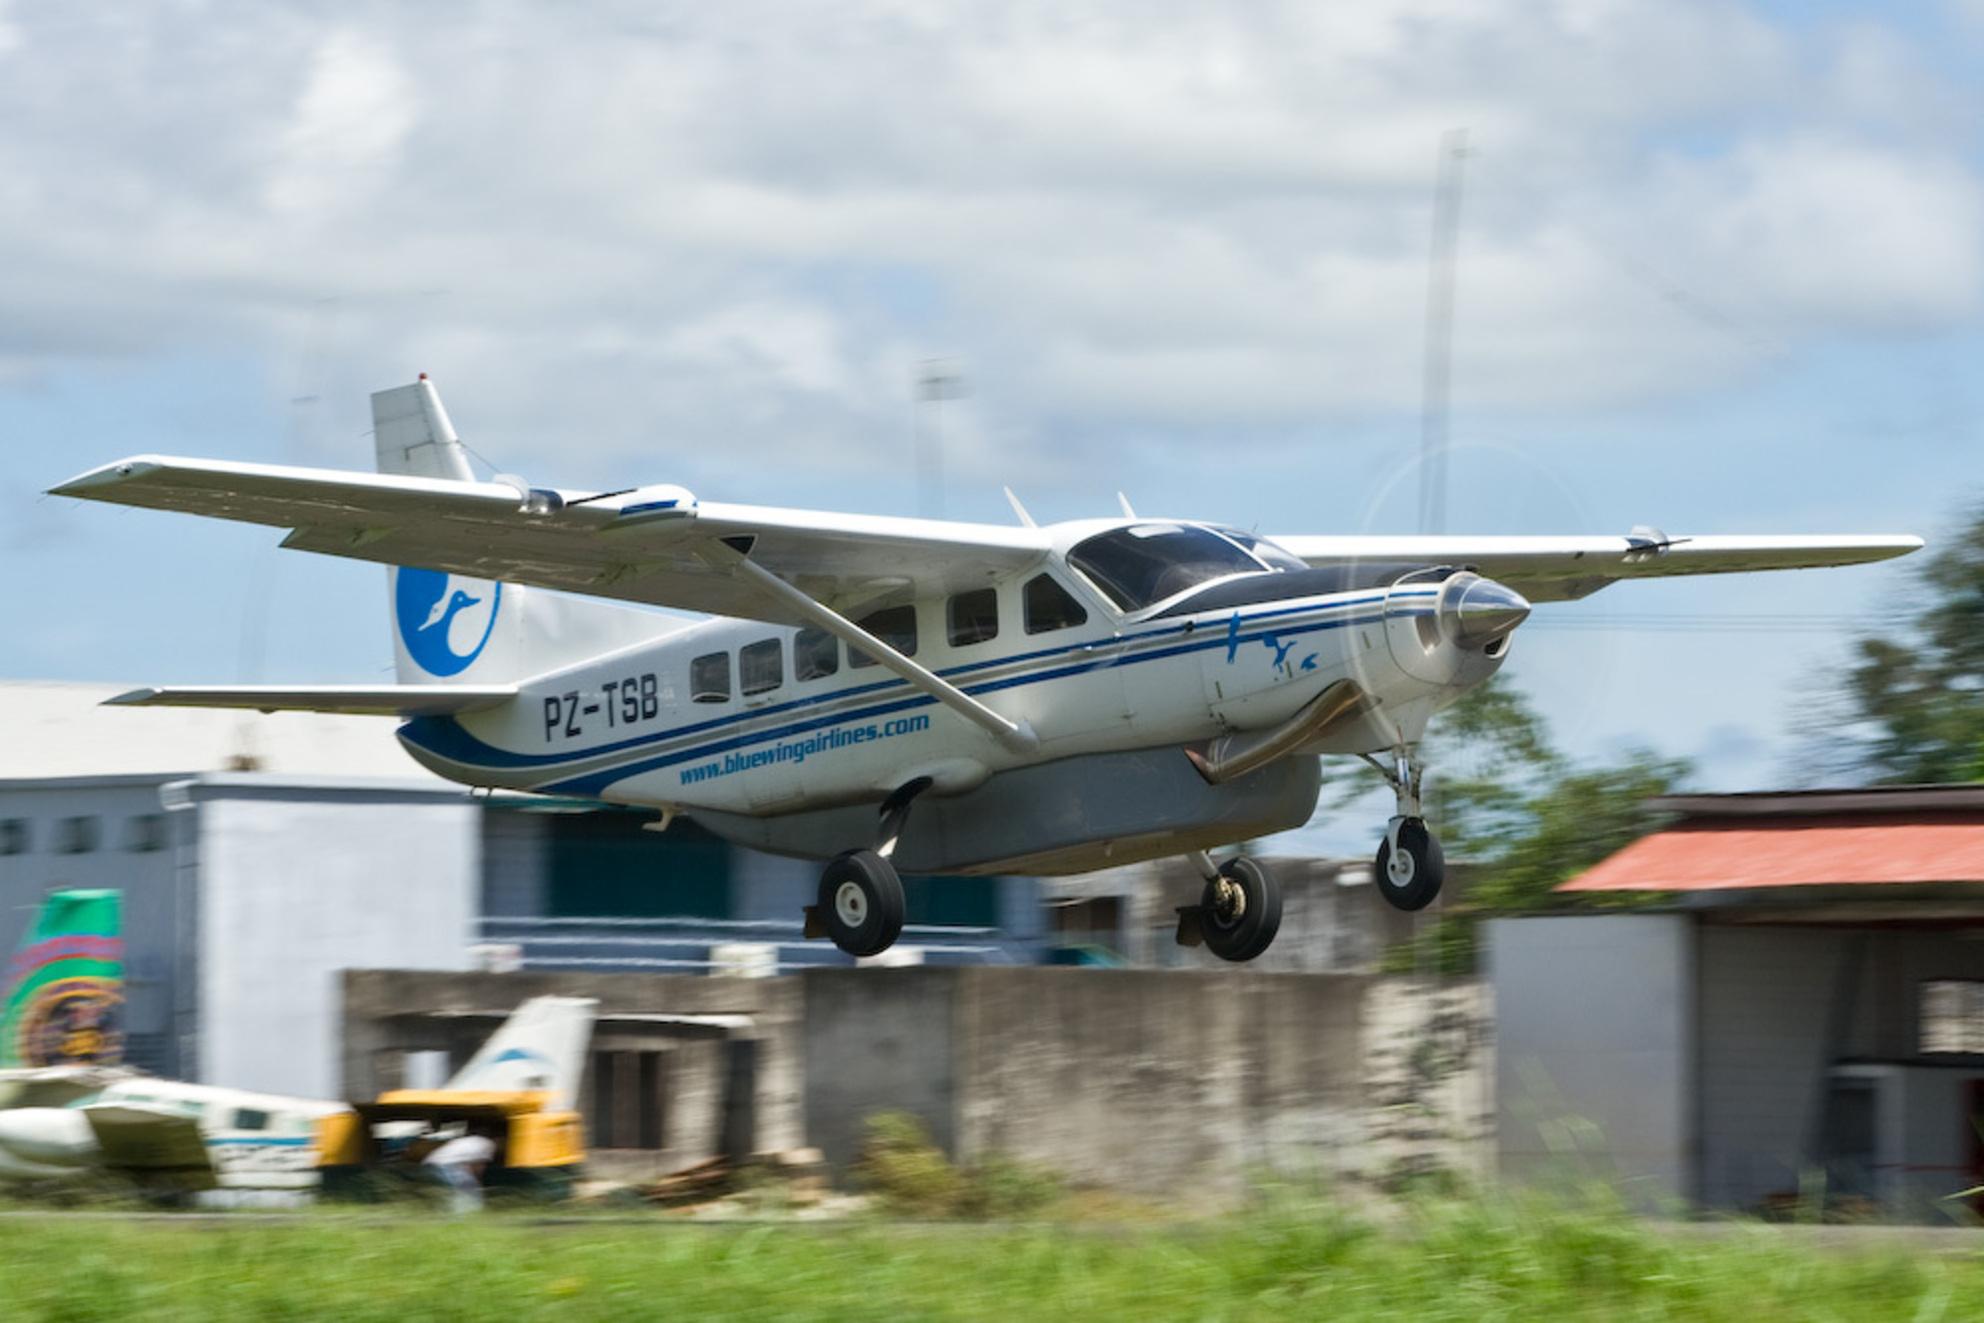 Blue Wing Airlines - Op het vliegveld Zorg en Hoop in Paramaribo vind je veel Cessna 208-en, waarvan hier een voorbeeld. - foto door marcel32us op 12-11-2008 - deze foto bevat: blue, suriname, wing, paramaribo, ce-208